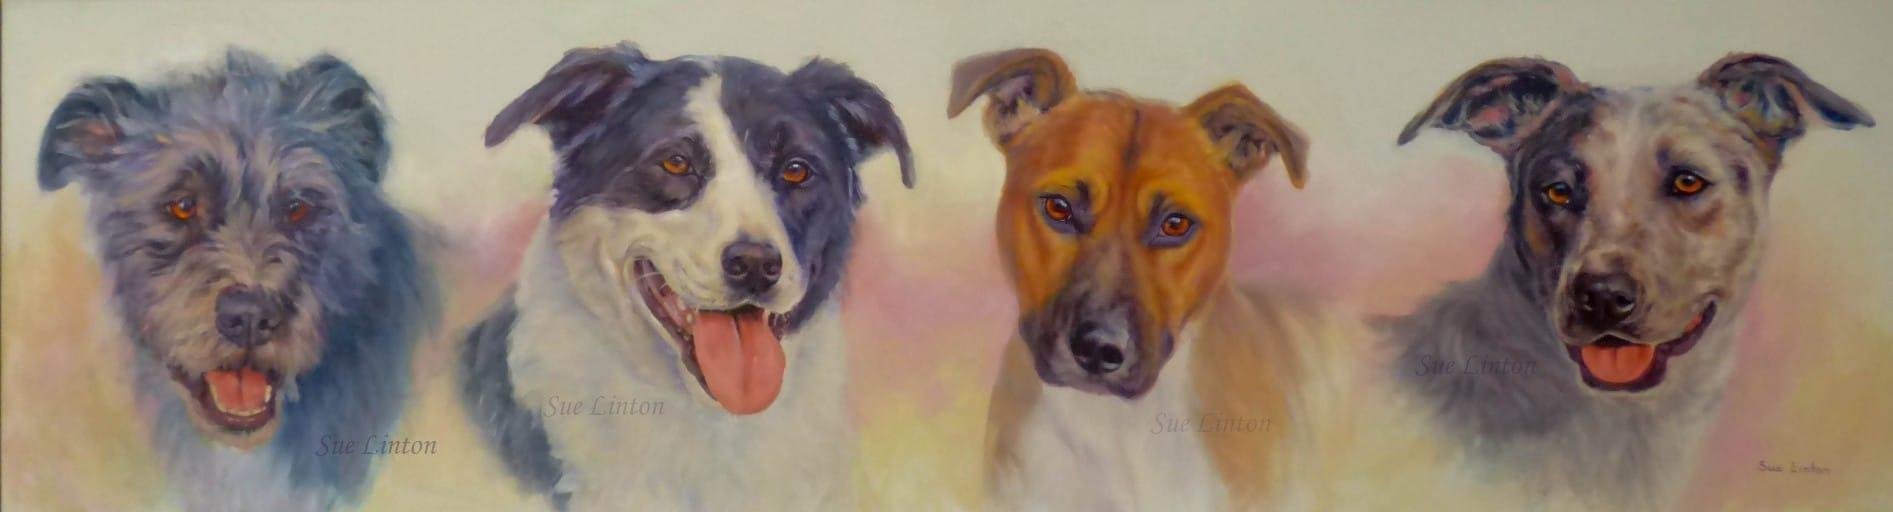 A pet portrait of 4 dogs